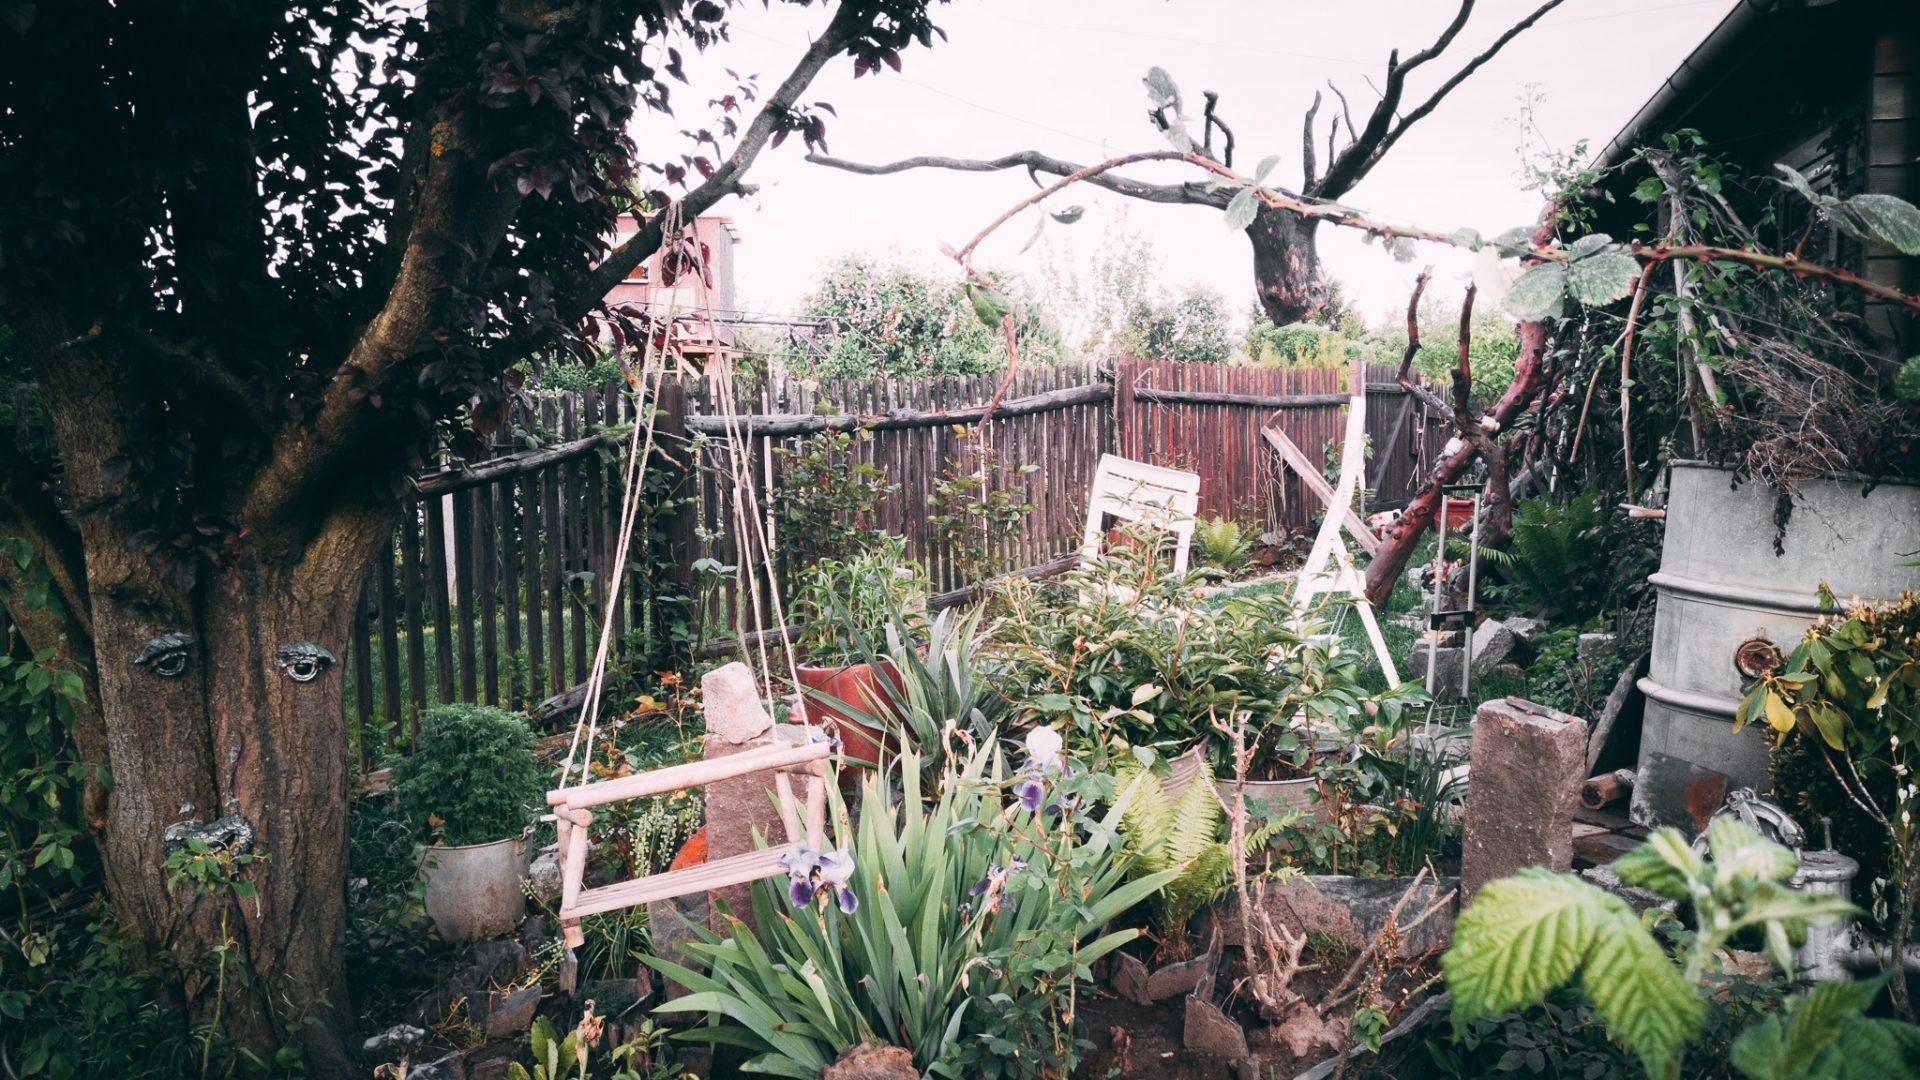 """Tag 291 - Strebergarten // """"Einen Garten zu pflanzen bedeutet an Morgen zu glauben"""" - Audrey Hepburn // """"To plant a garden is to believe in tomorrow"""" - Audrey Hepburn"""